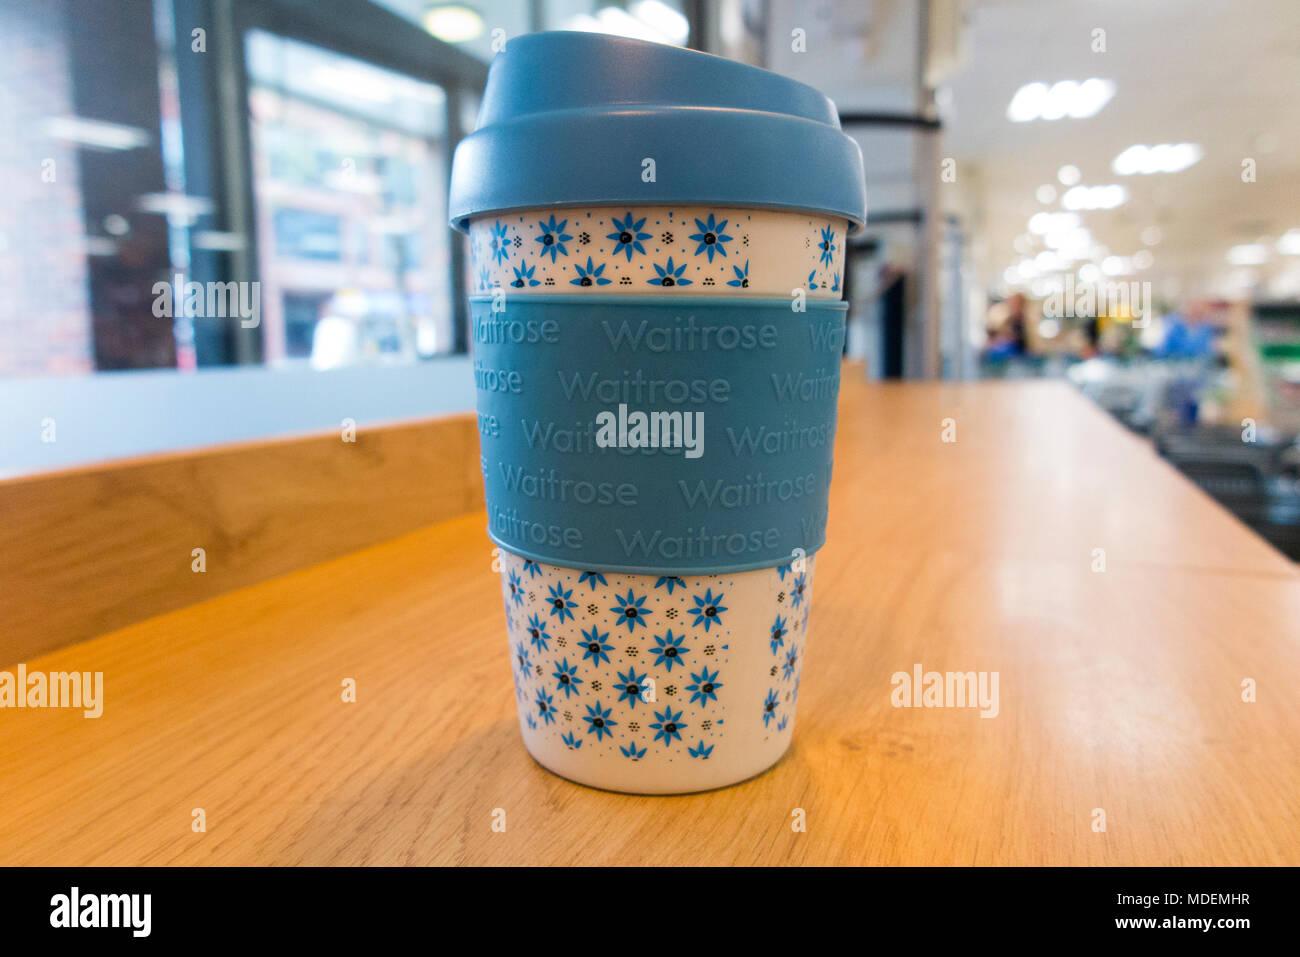 Riutilizzabili / re utilizzabile supermarket Waitrose coffeecup / tazza da tè / tazzina per asporto take away caffè, tè ecc ( gratuito per i titolari di Waitrosecard ) (96) Immagini Stock